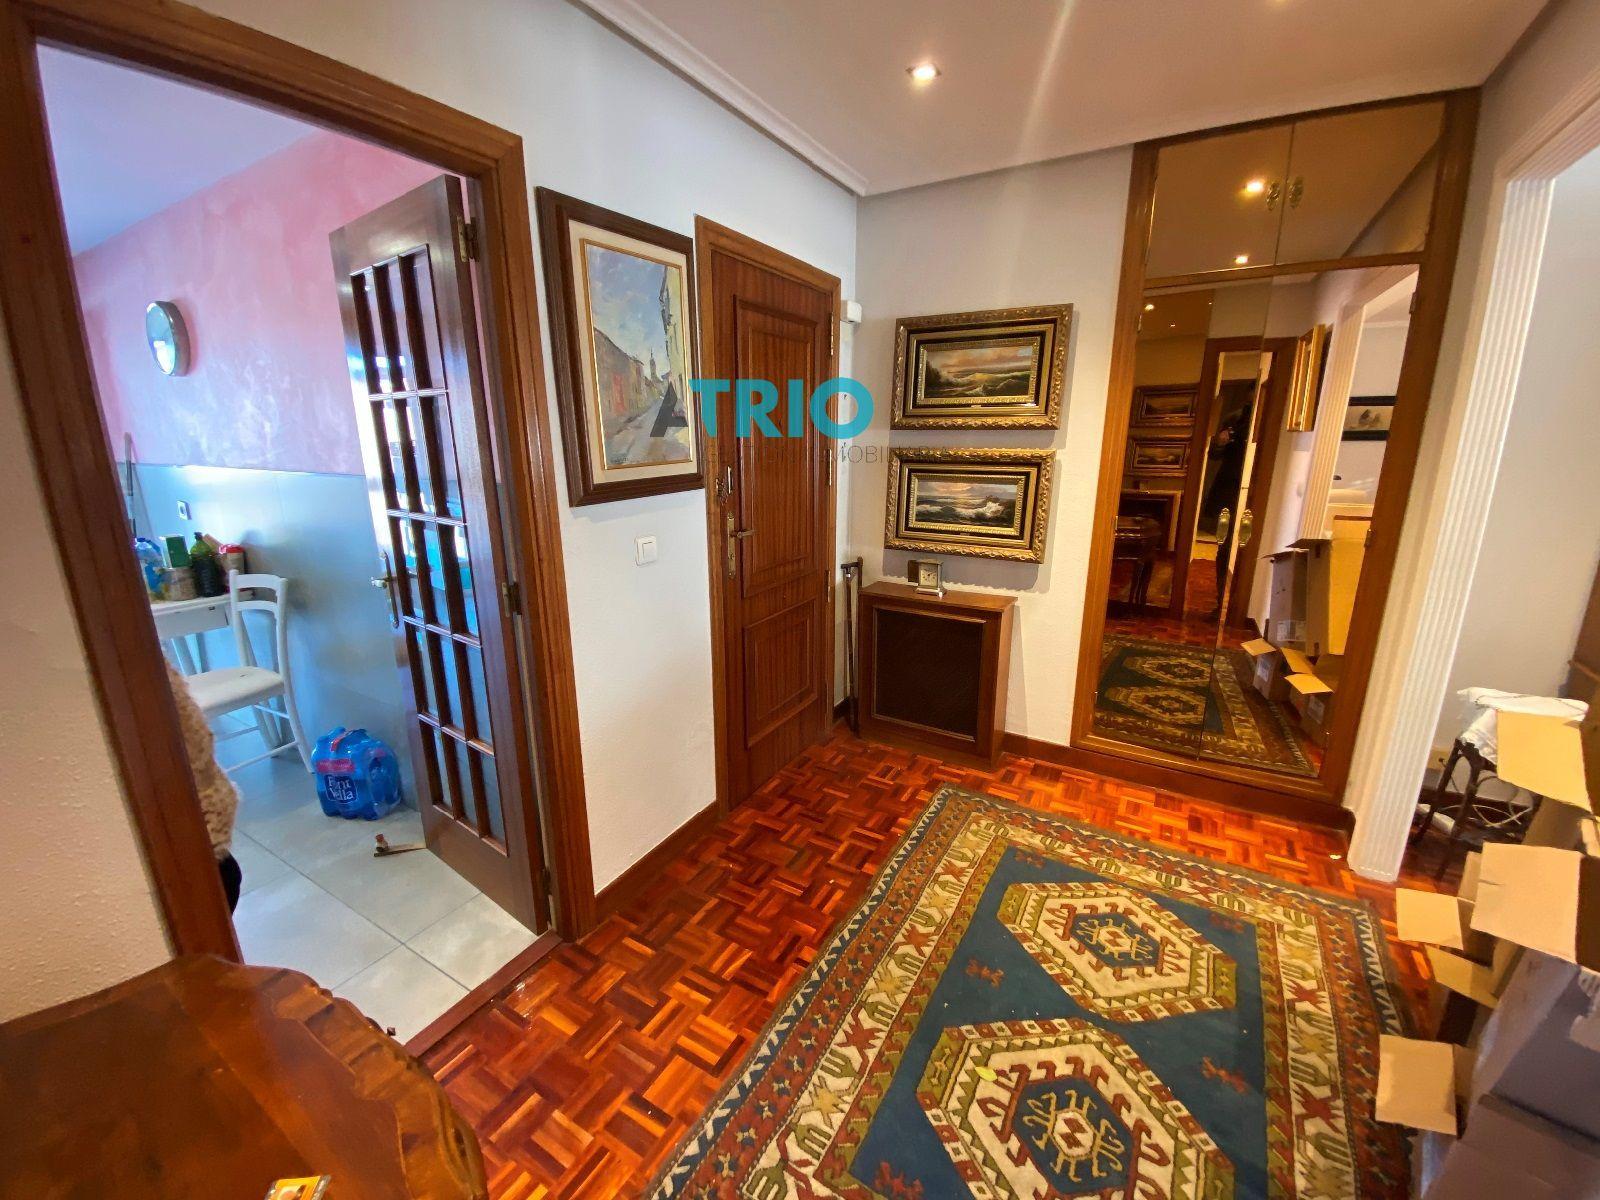 dia.mobiliagestion.es/Portals/inmoatrio/Images/7244/5913382